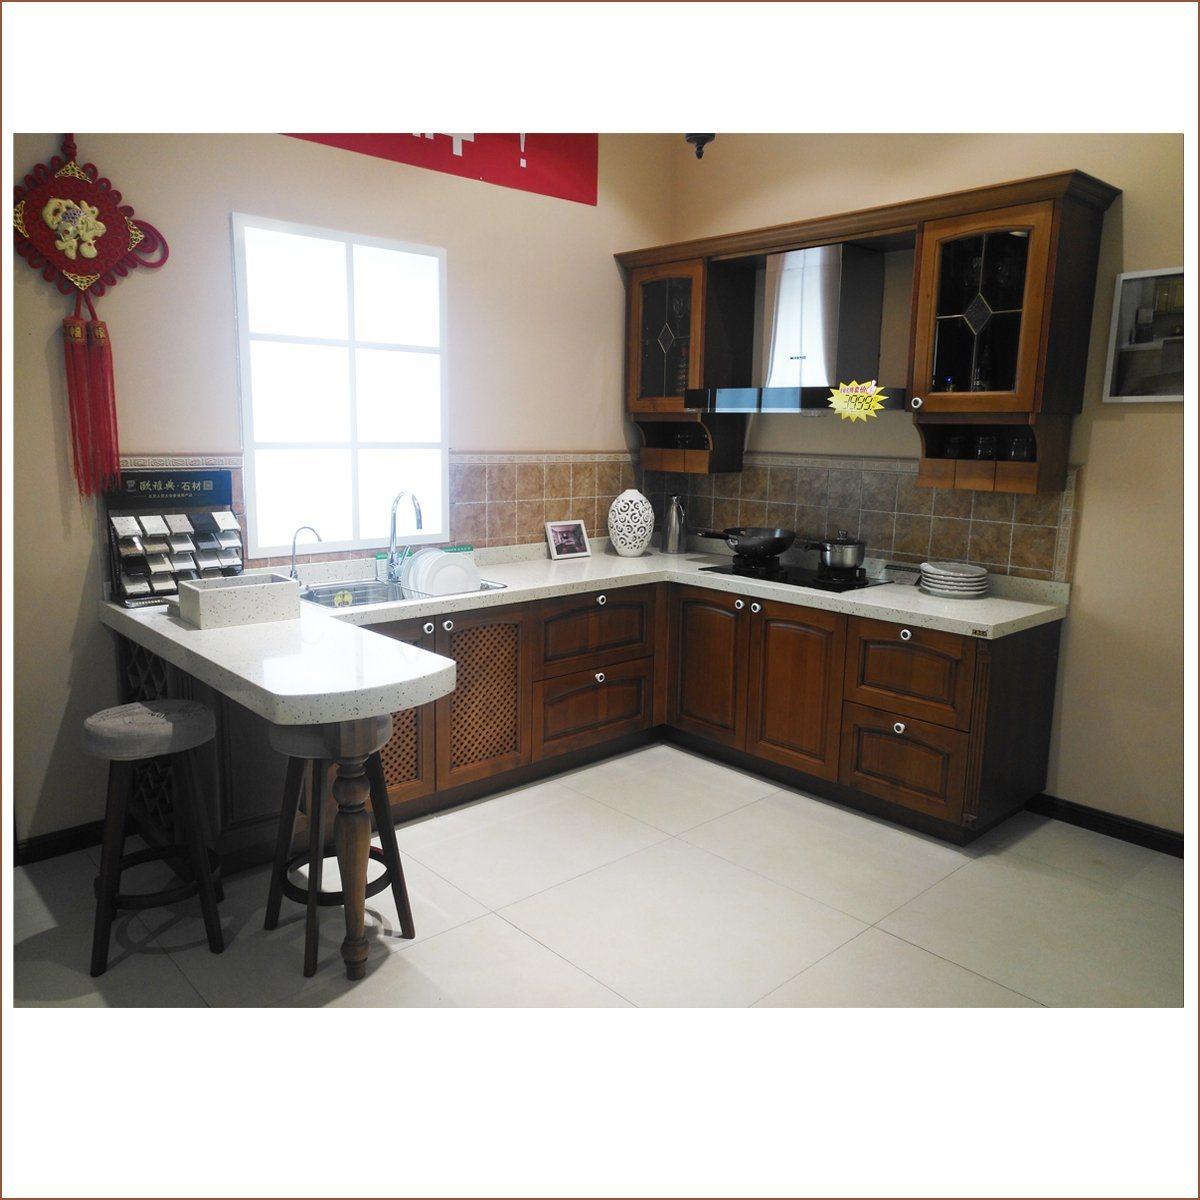 Nettoyage Armoire En Bois chine nettoyer l'armoire de cuisine fonctionnelle de la